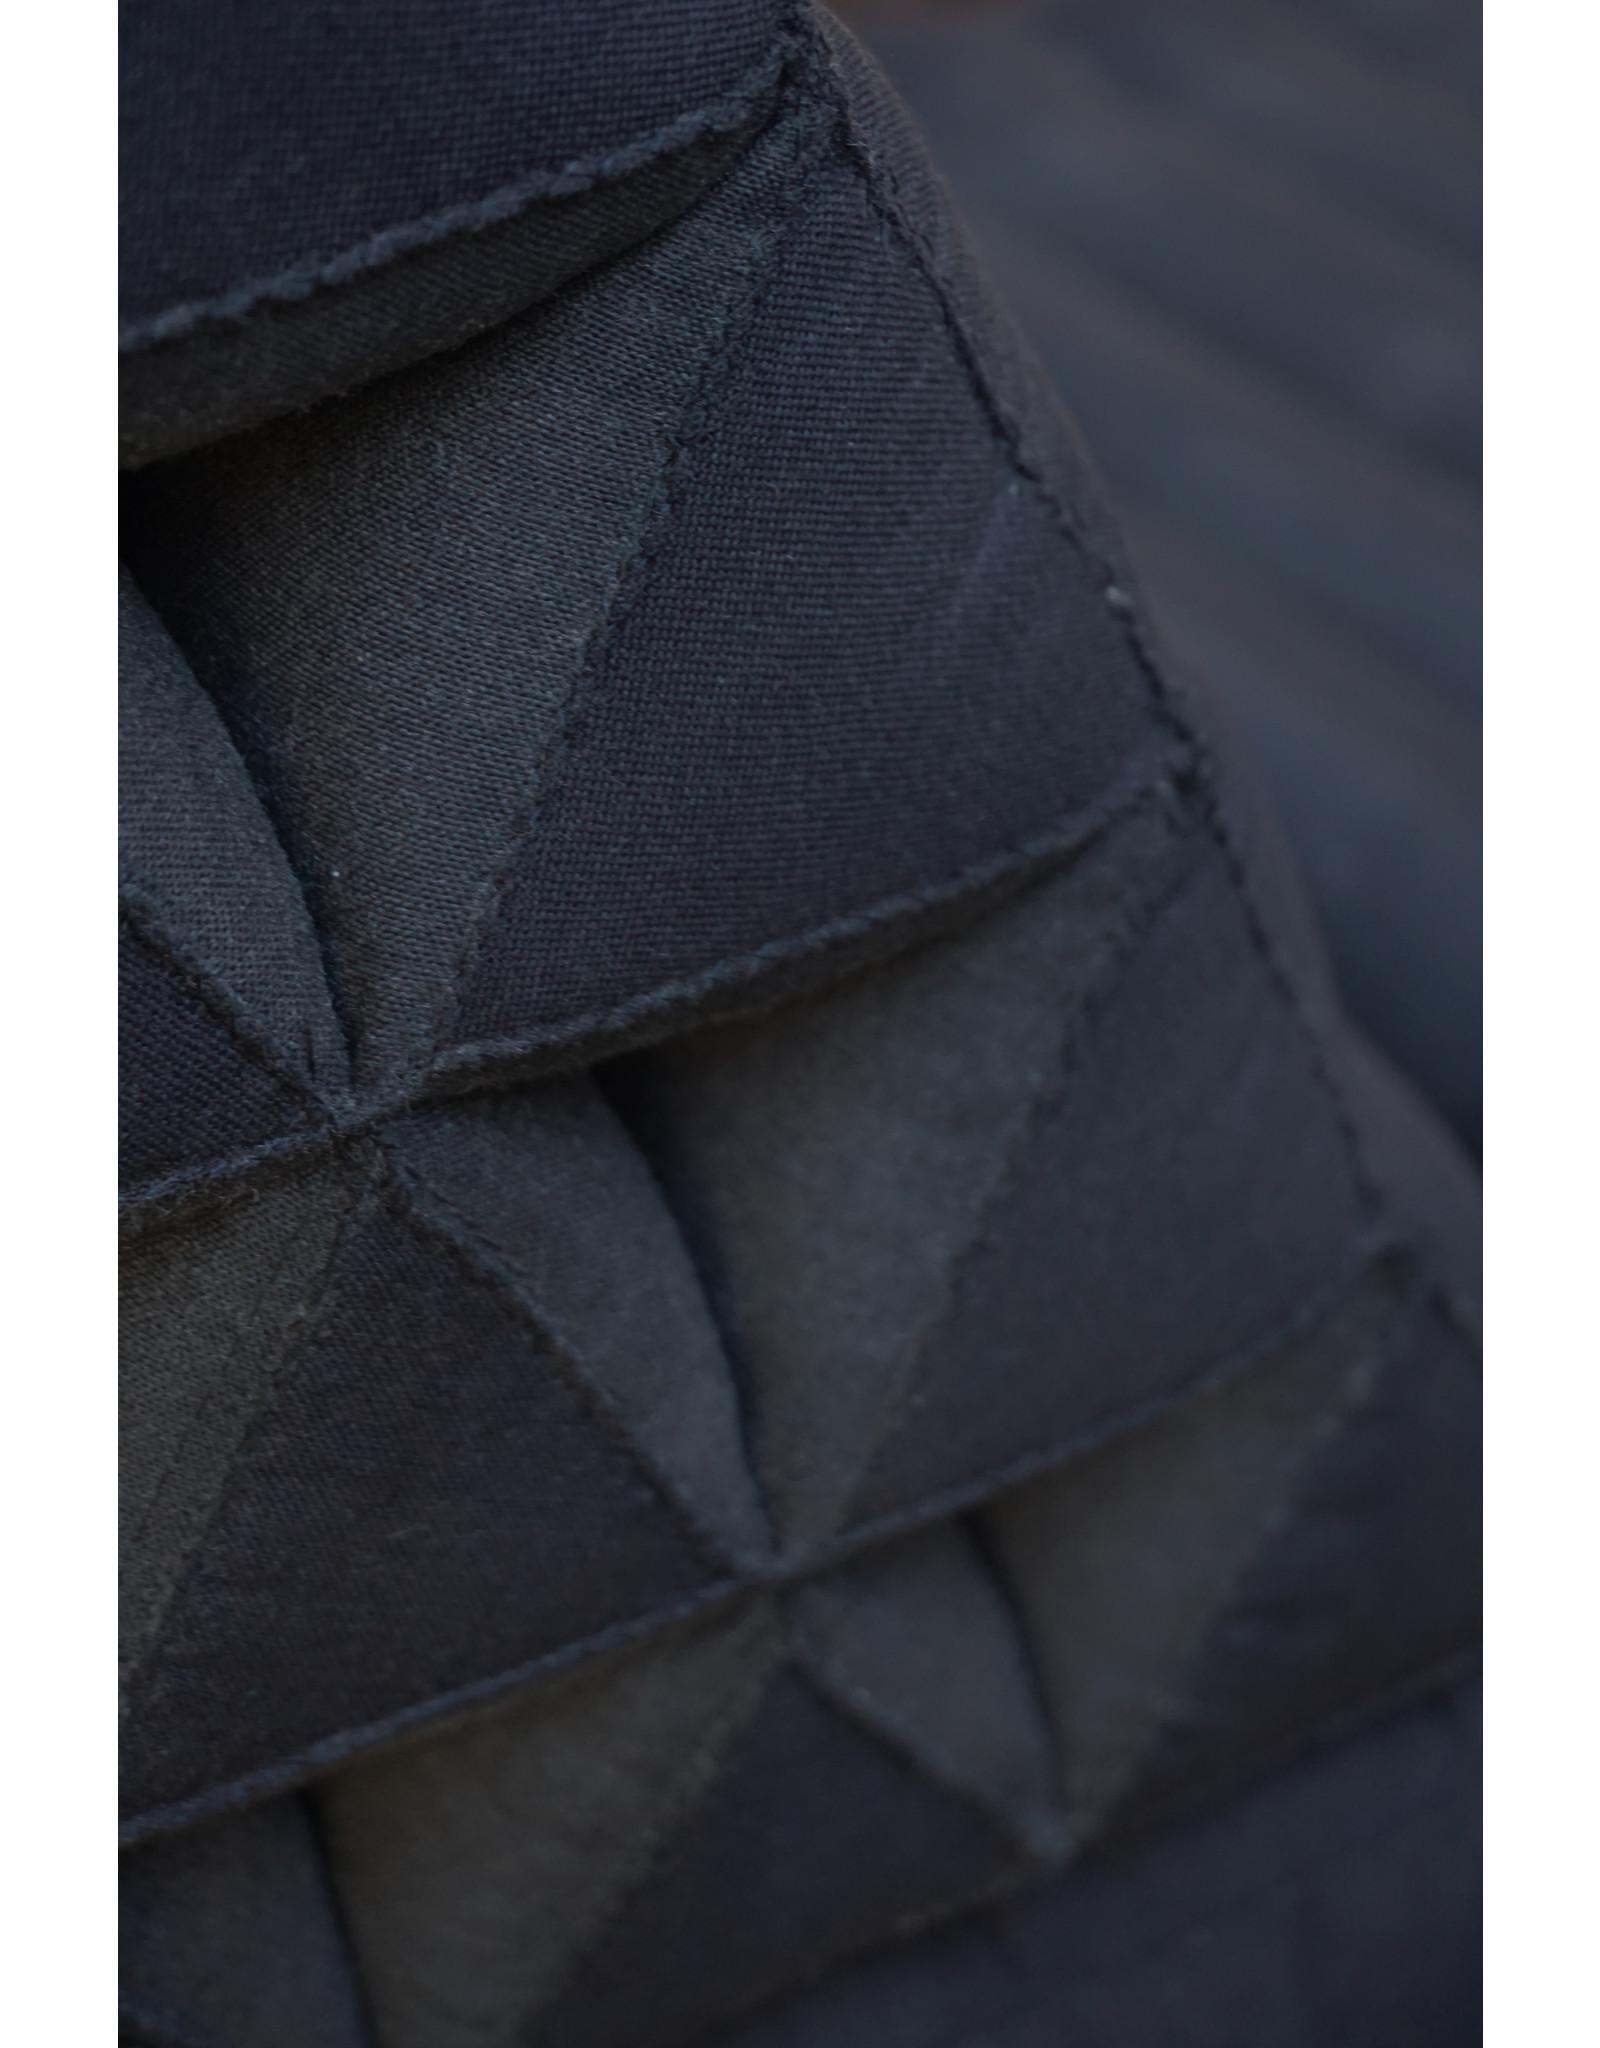 Thai Moonz Thai Floor Cushion Triangle Pillow XL 4 Mat Black